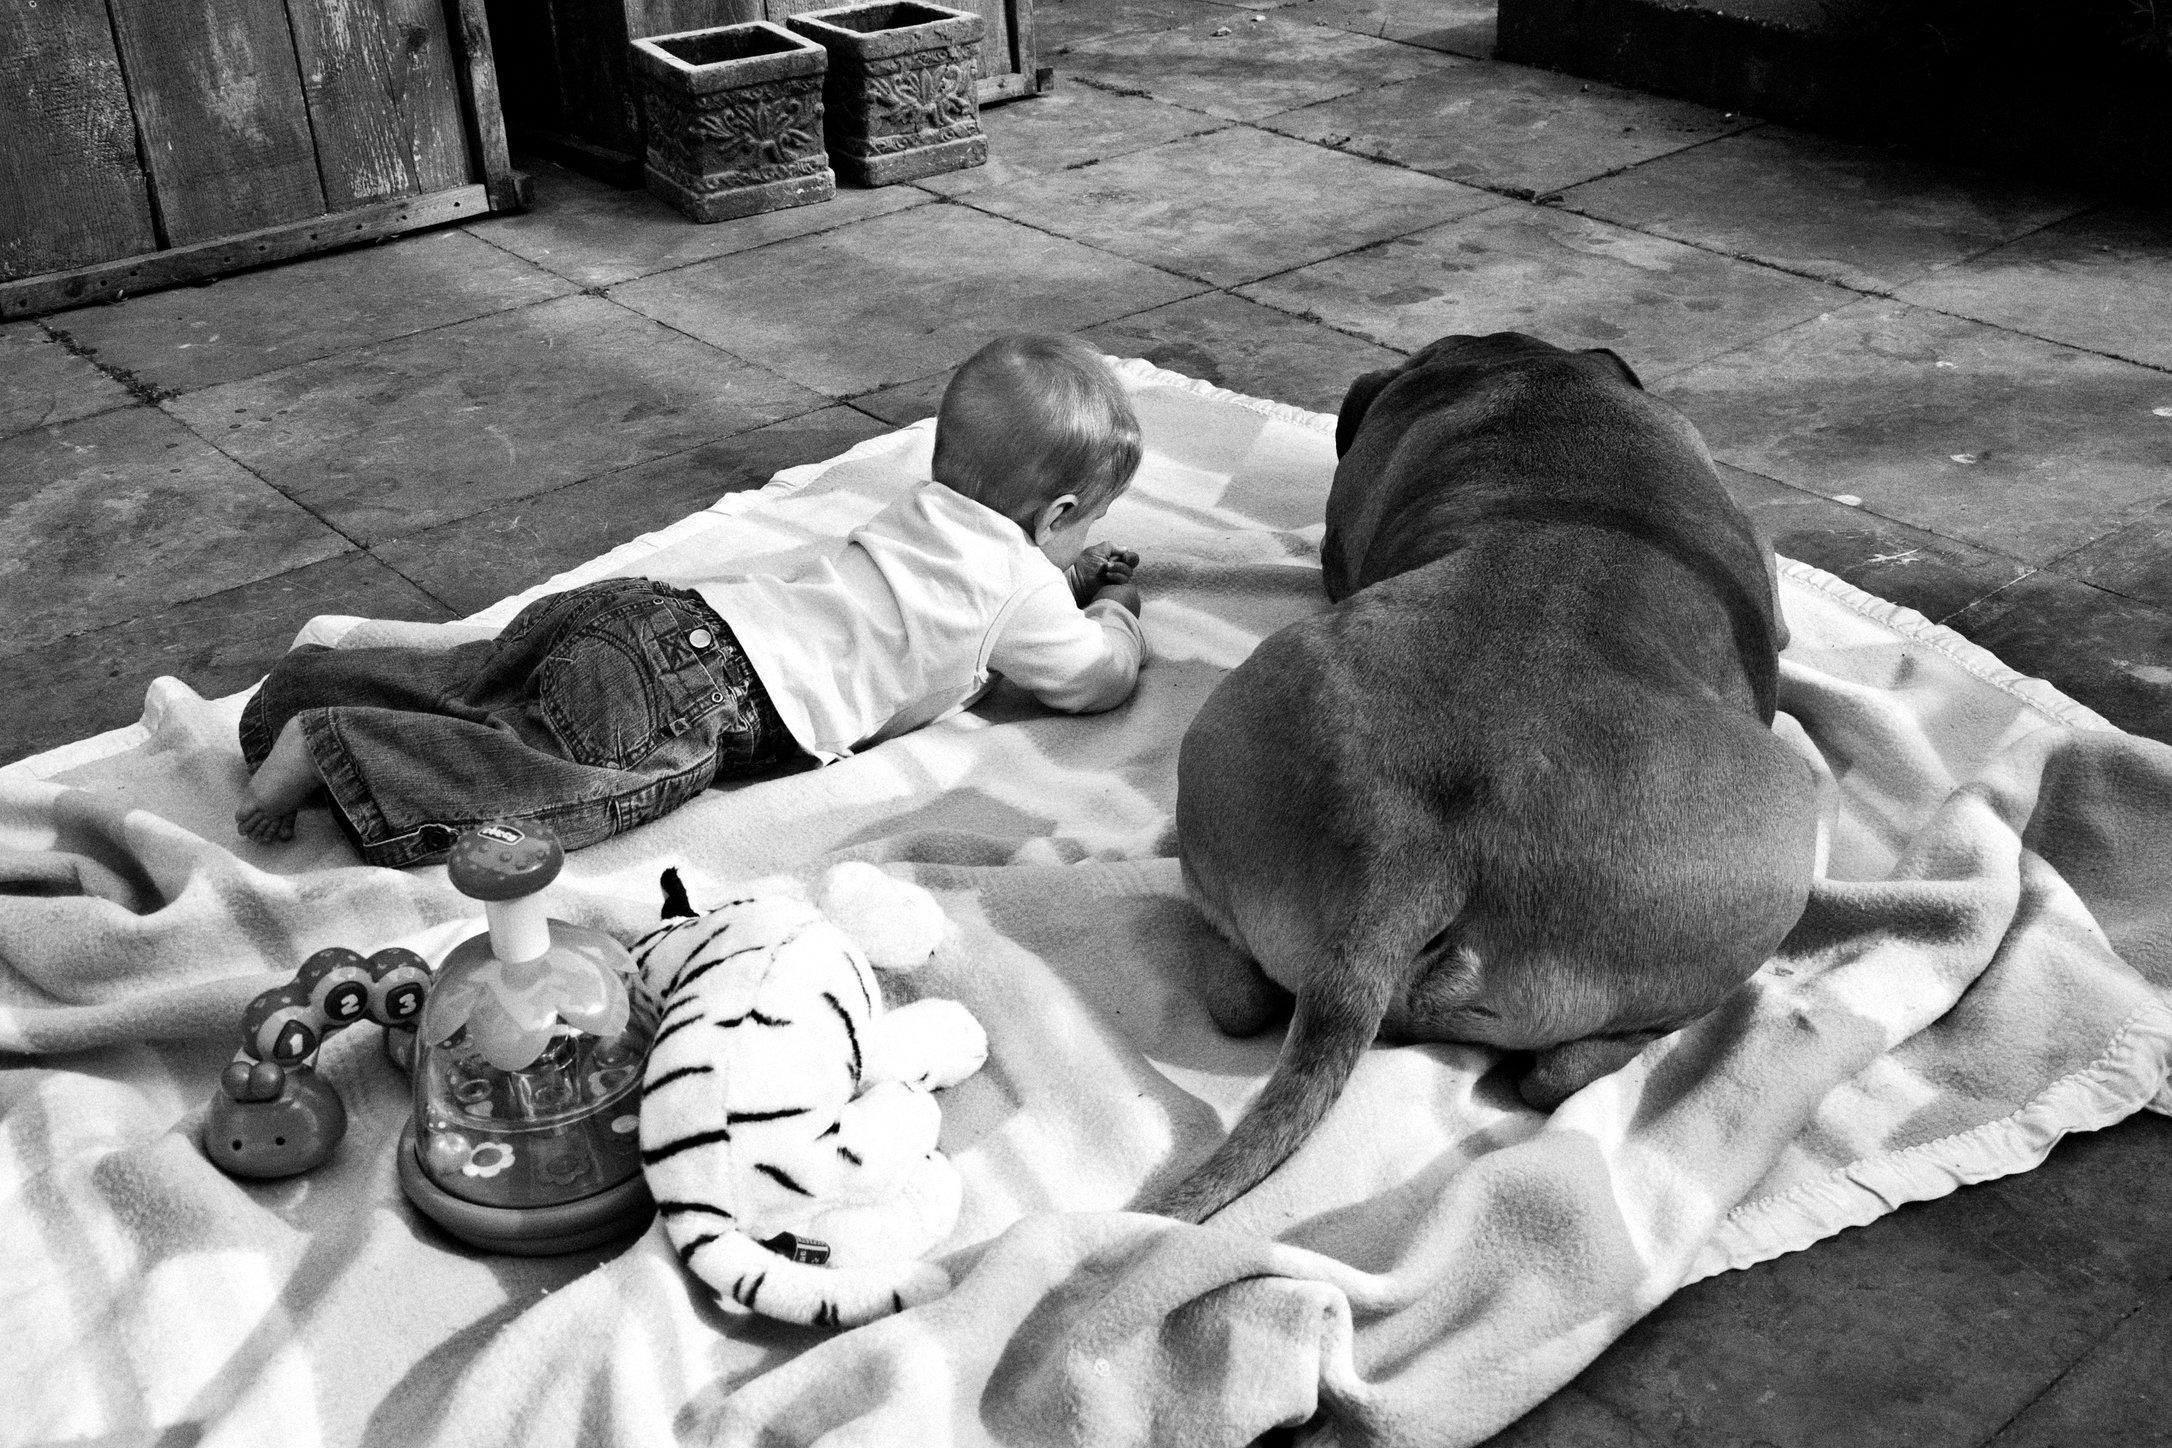 vechthonden (2).jpg